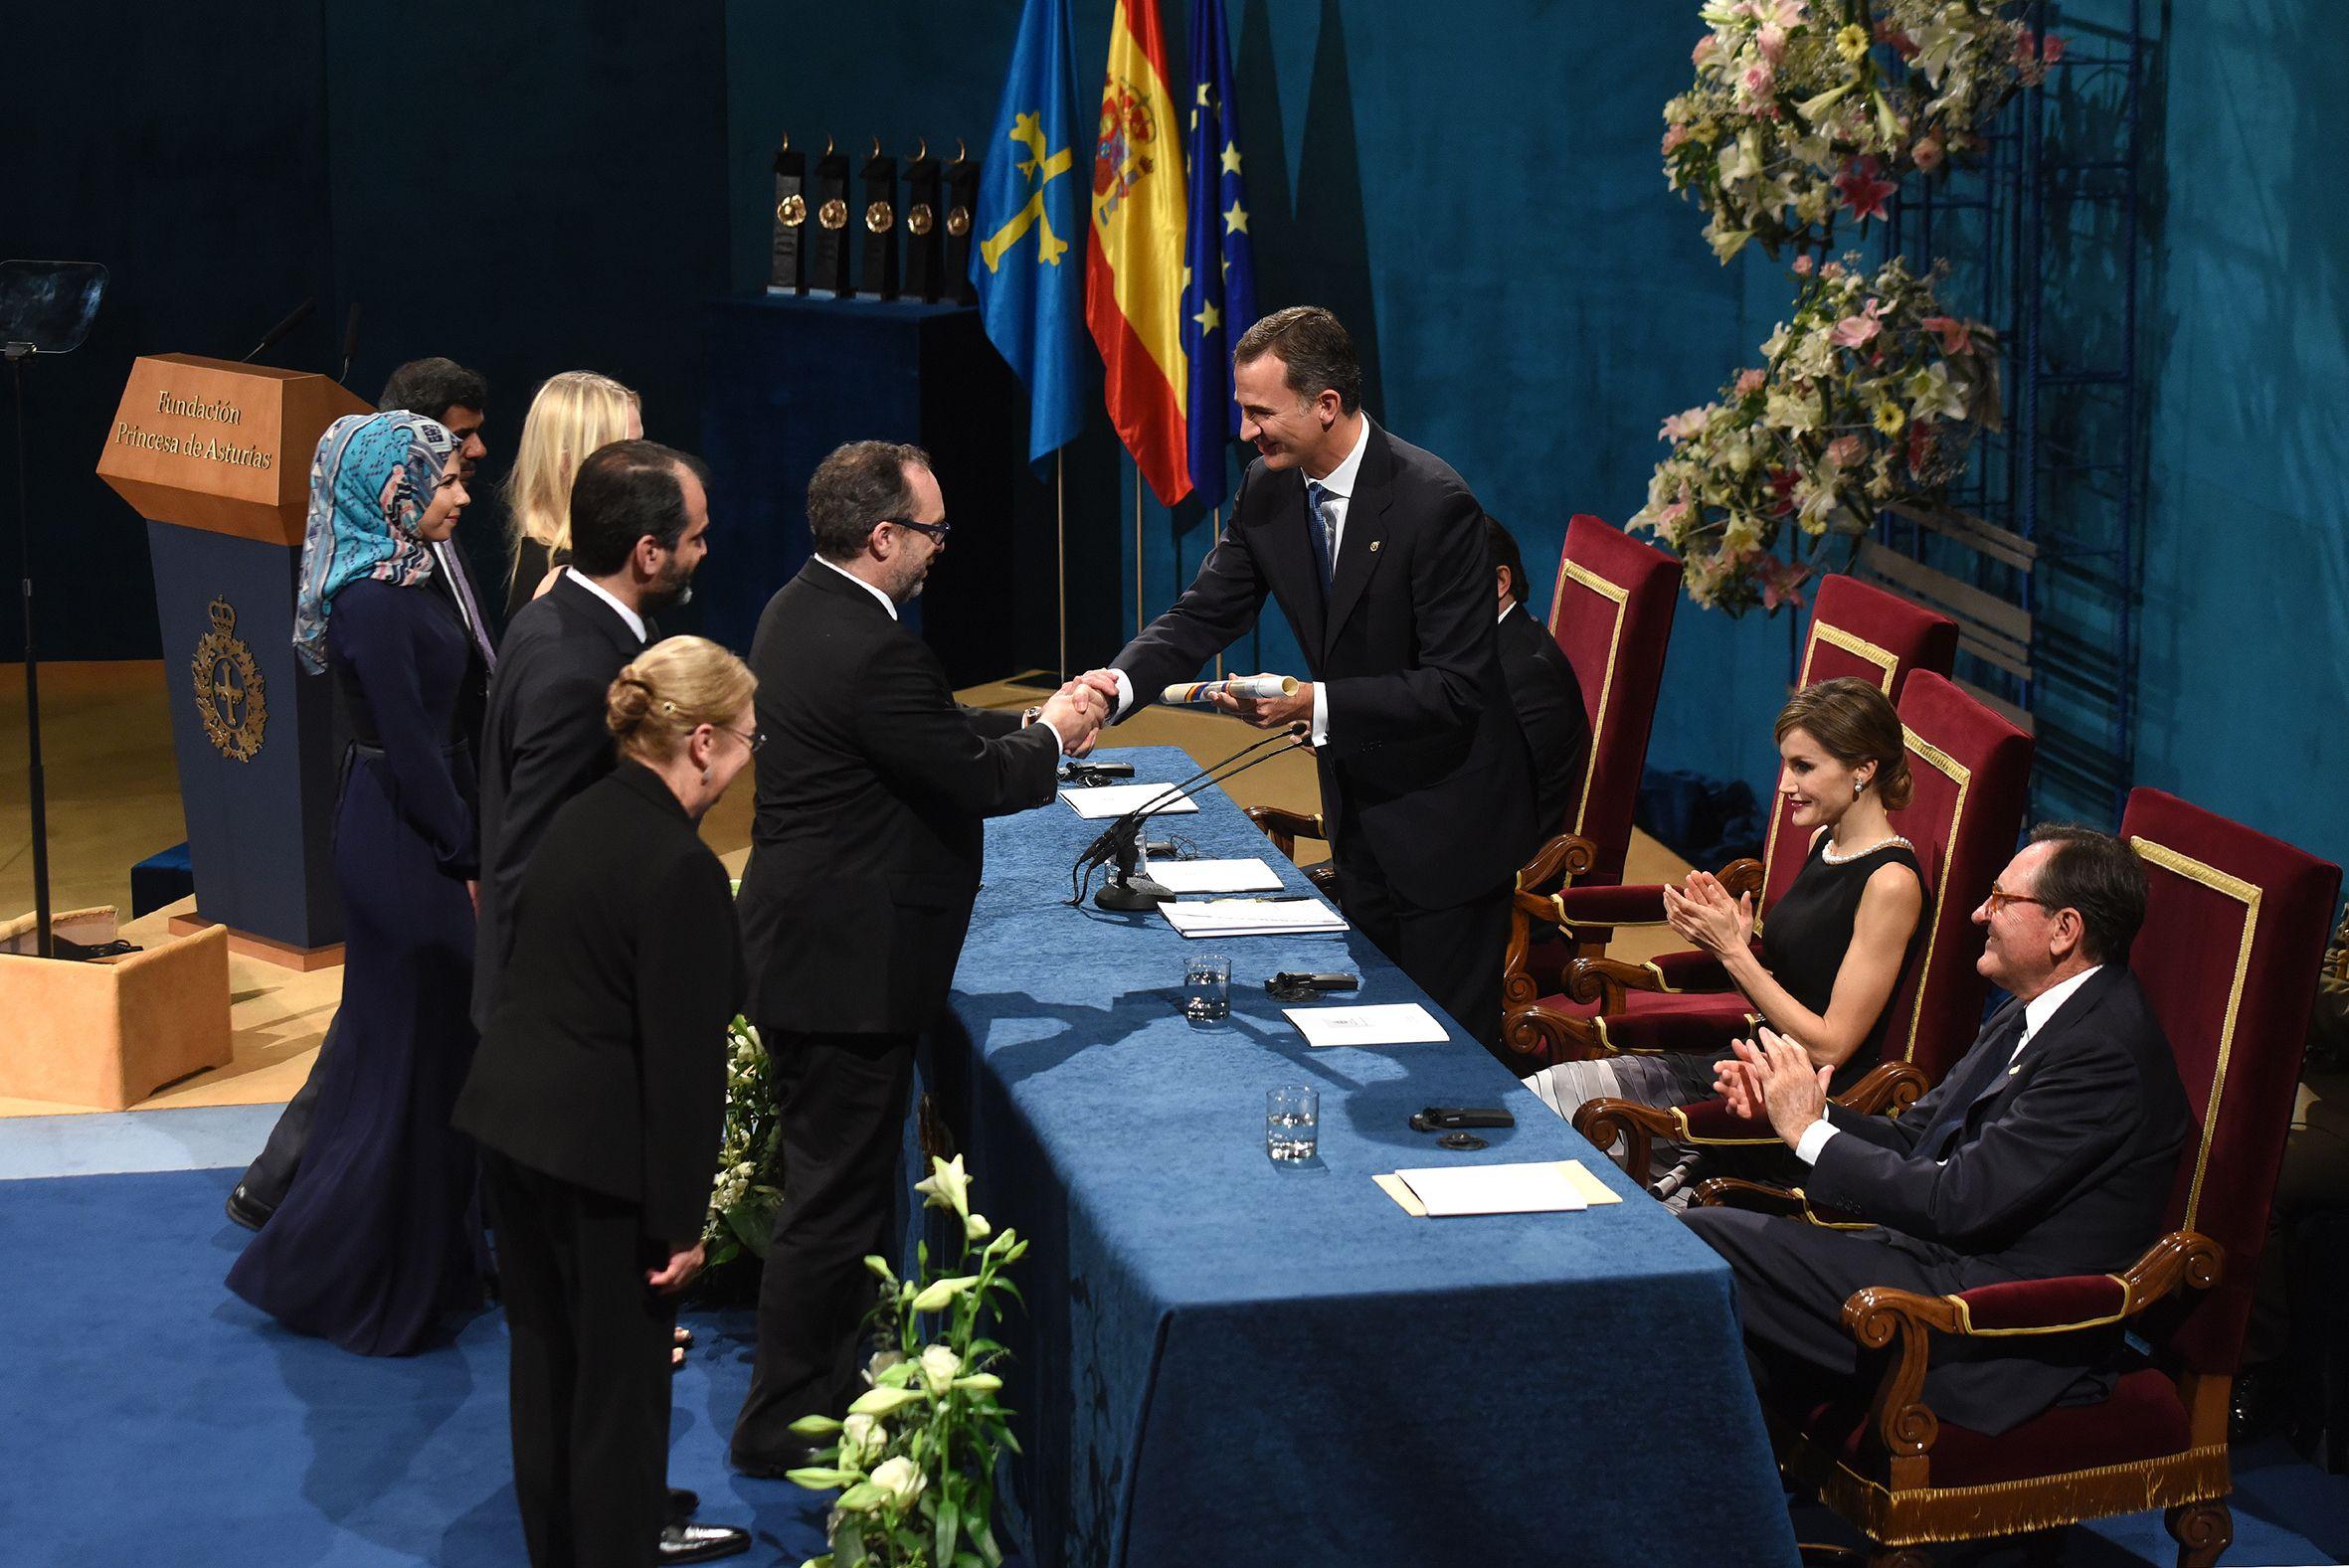 Un momento de la ceremonia de entrega de los Premios Princesa de Asturias 2015